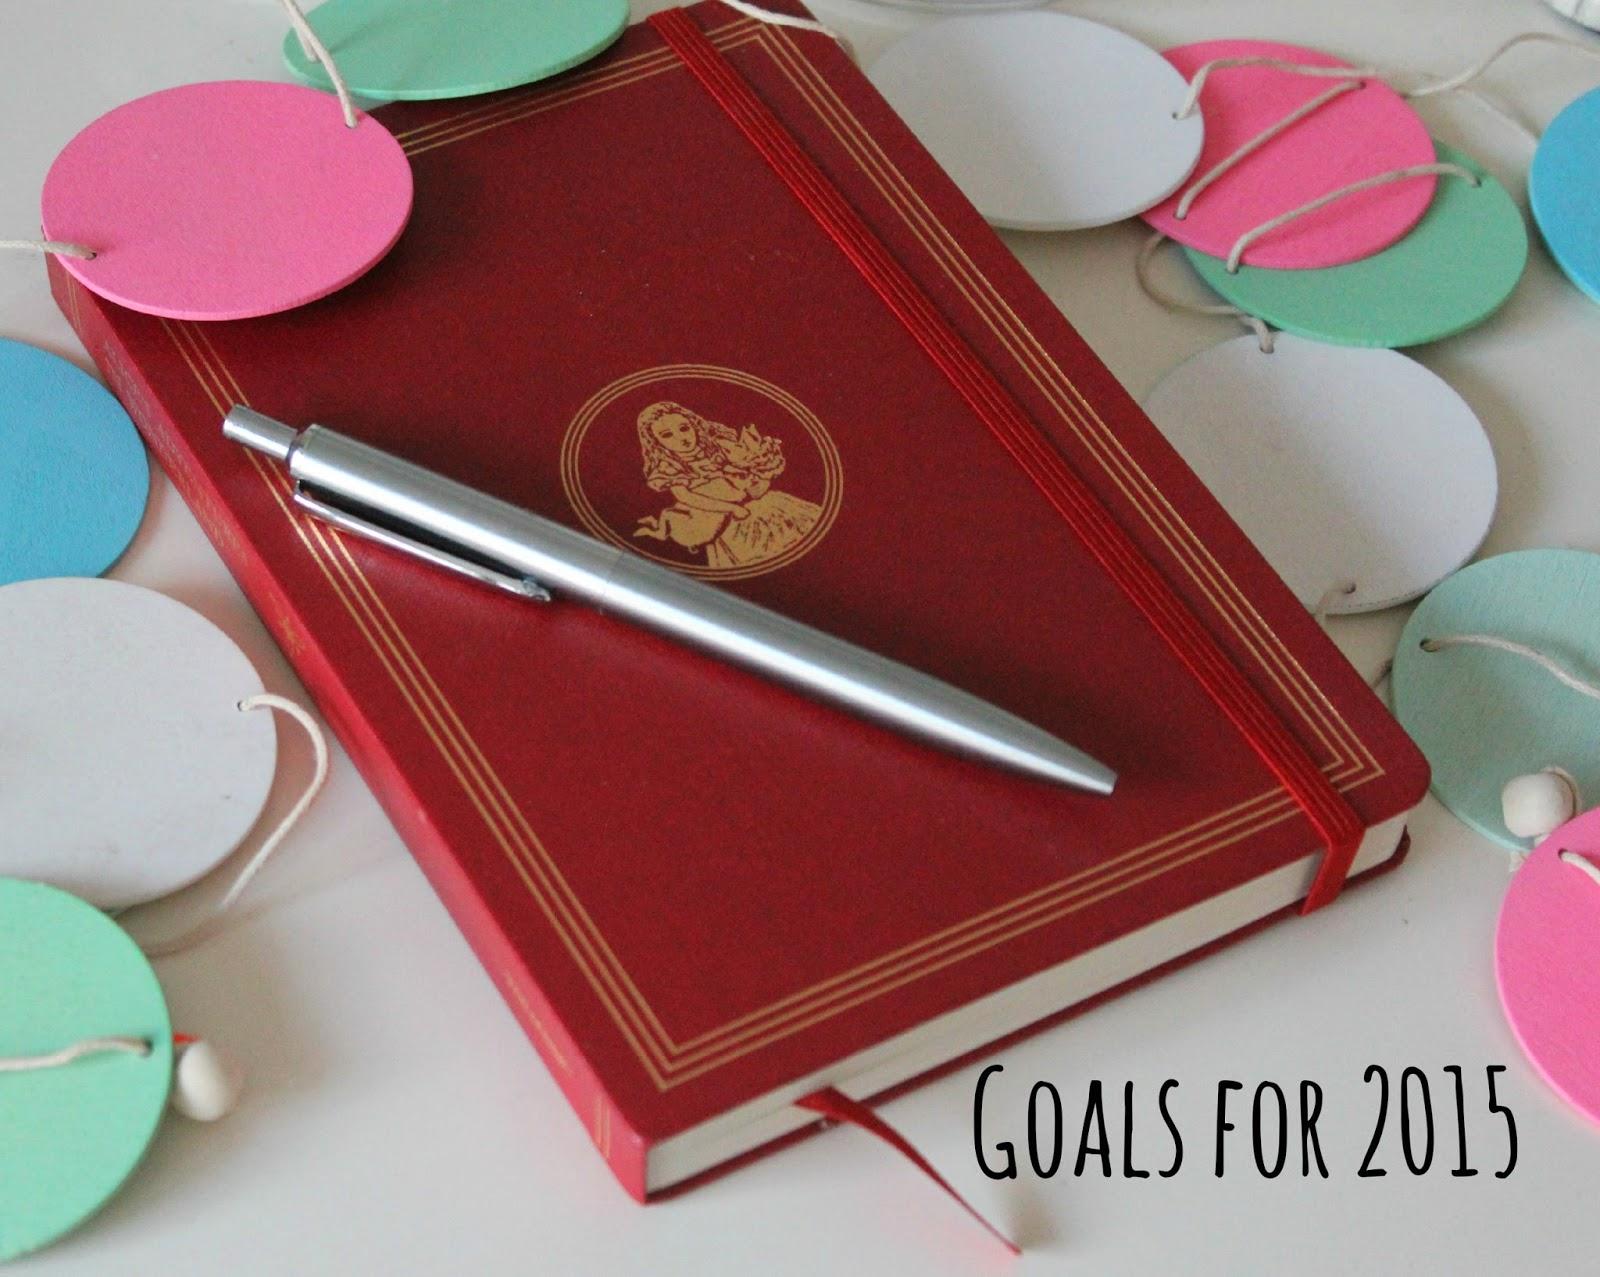 Goals of 2015